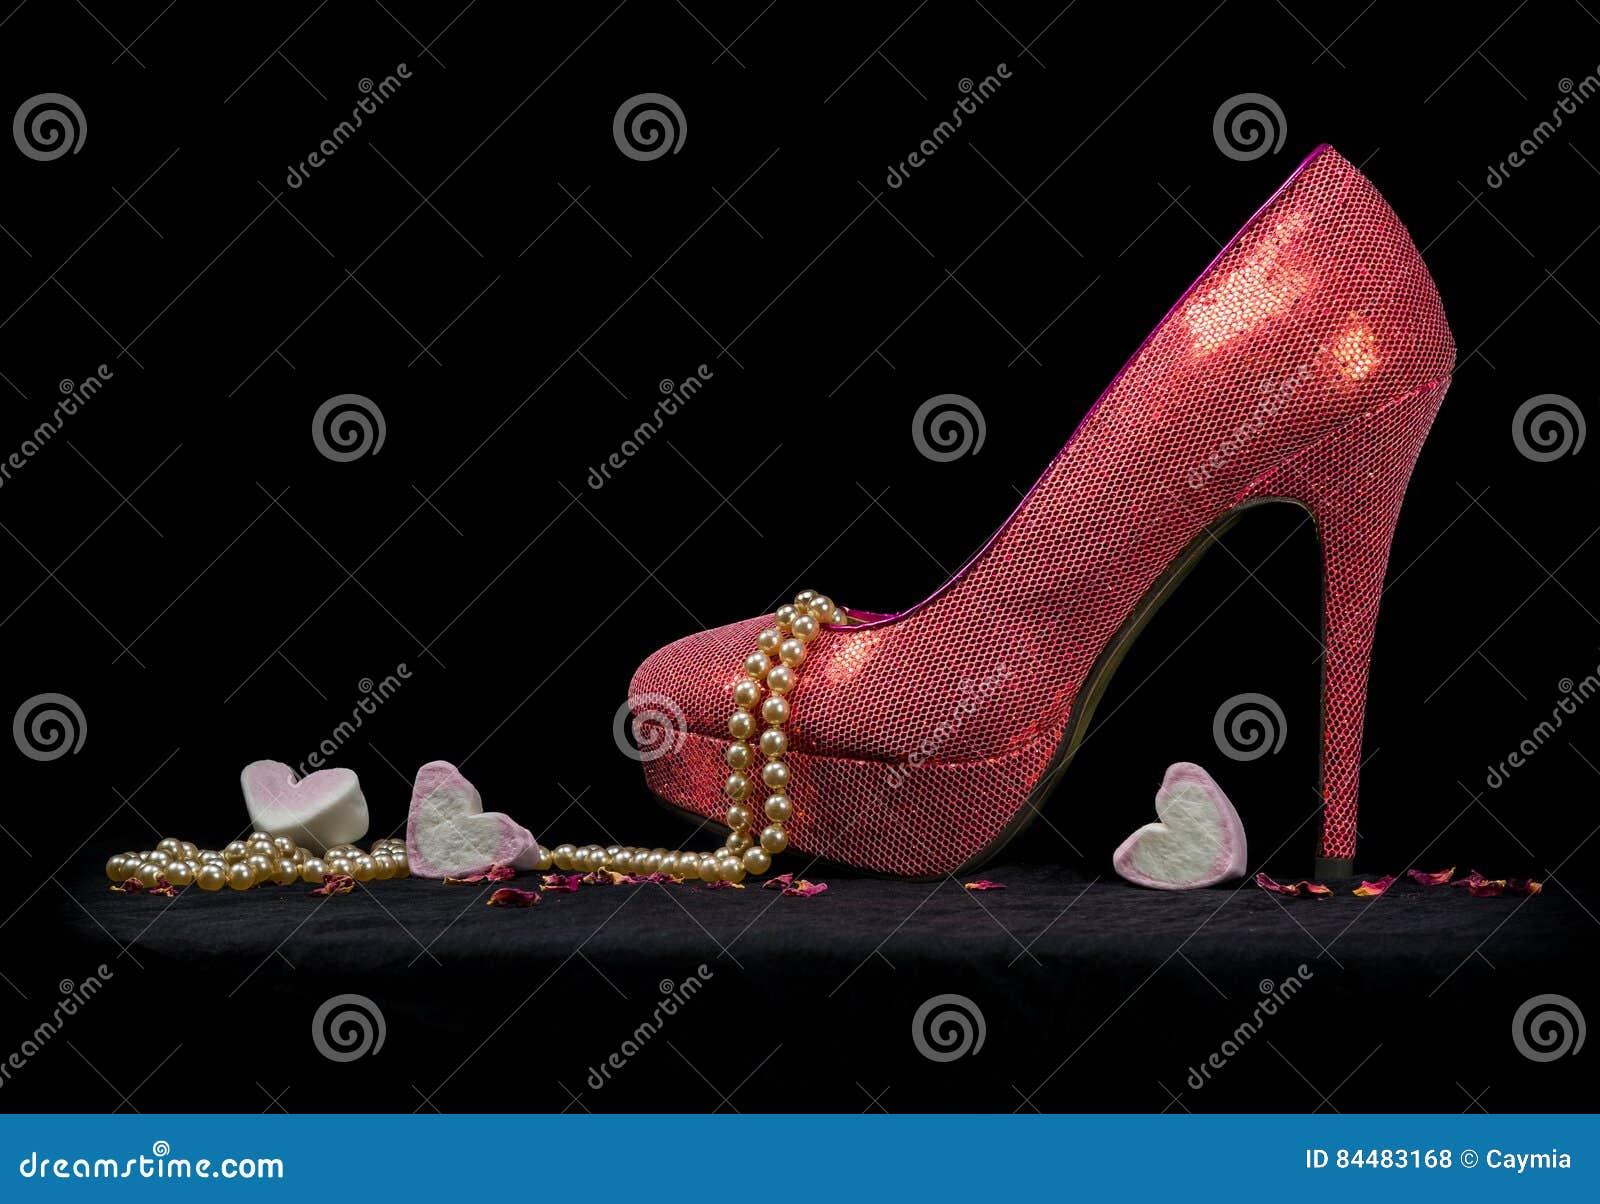 Stockfoto HerzenSchwarzer Und Ein SchuhPerlen Hintergrund Sexy JFlcK1